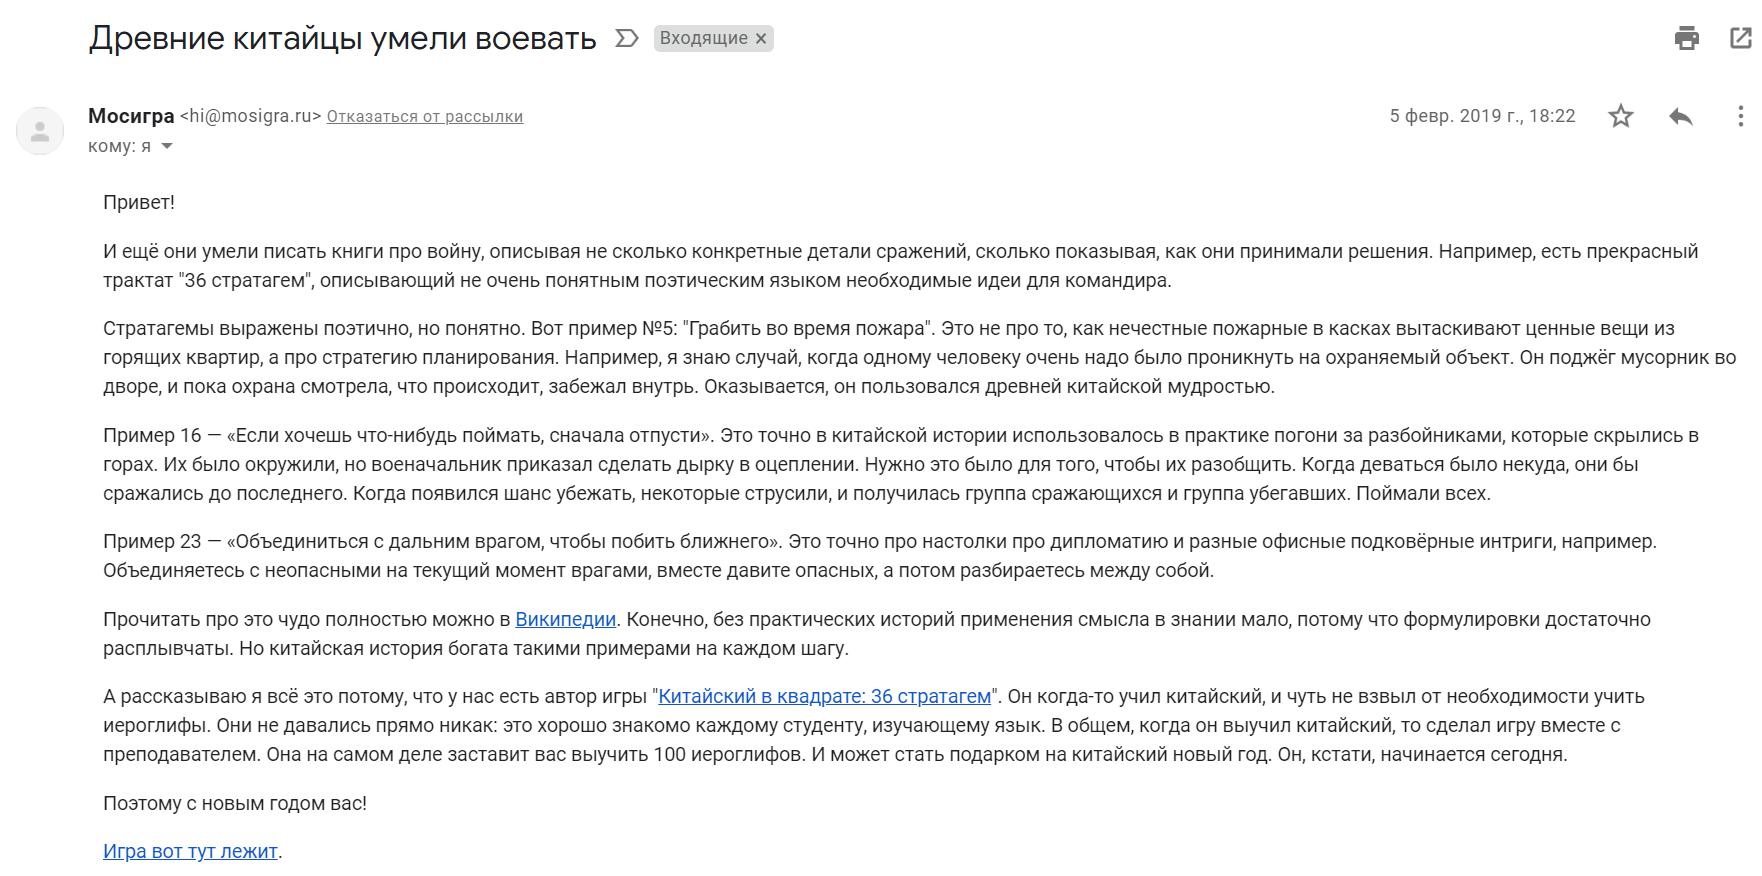 Текстовое письмо от Мосигры